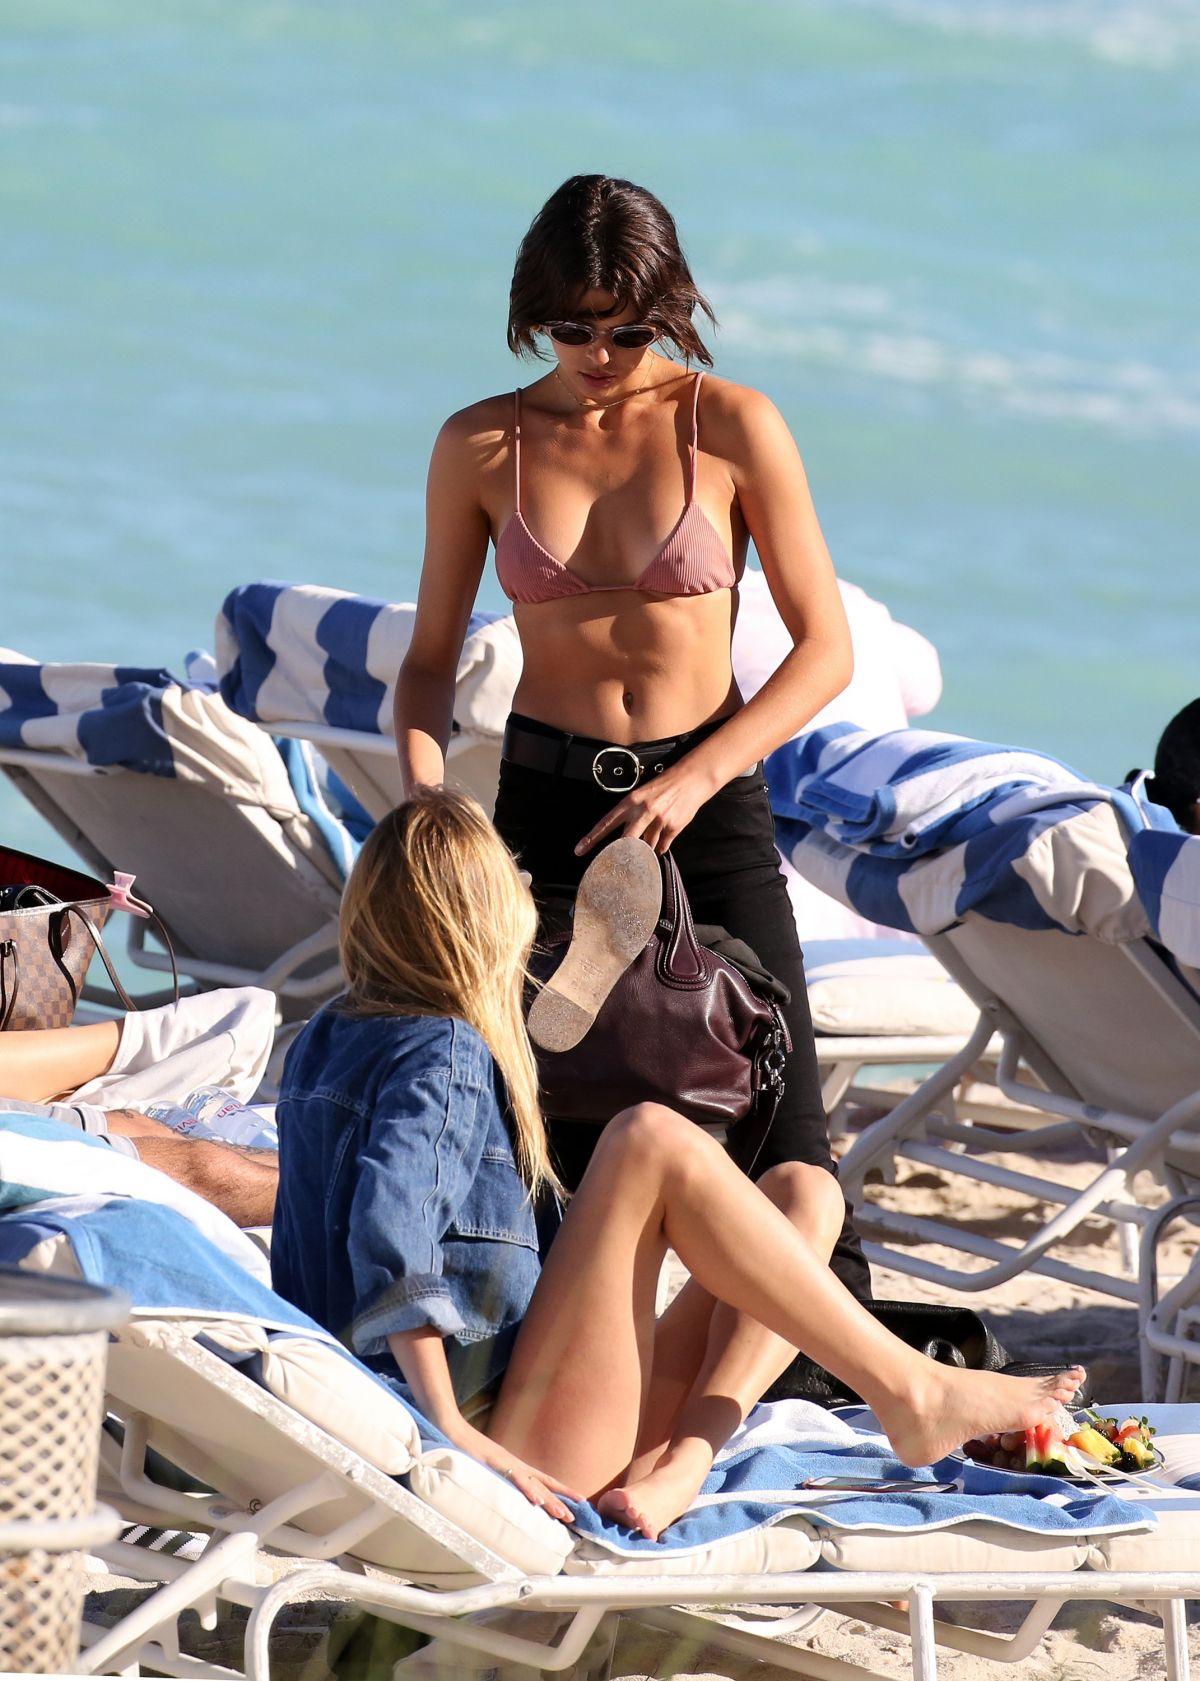 Georgia Fowler and Megan Williams in Bikini on the beach in Miami Pic 3 of 35